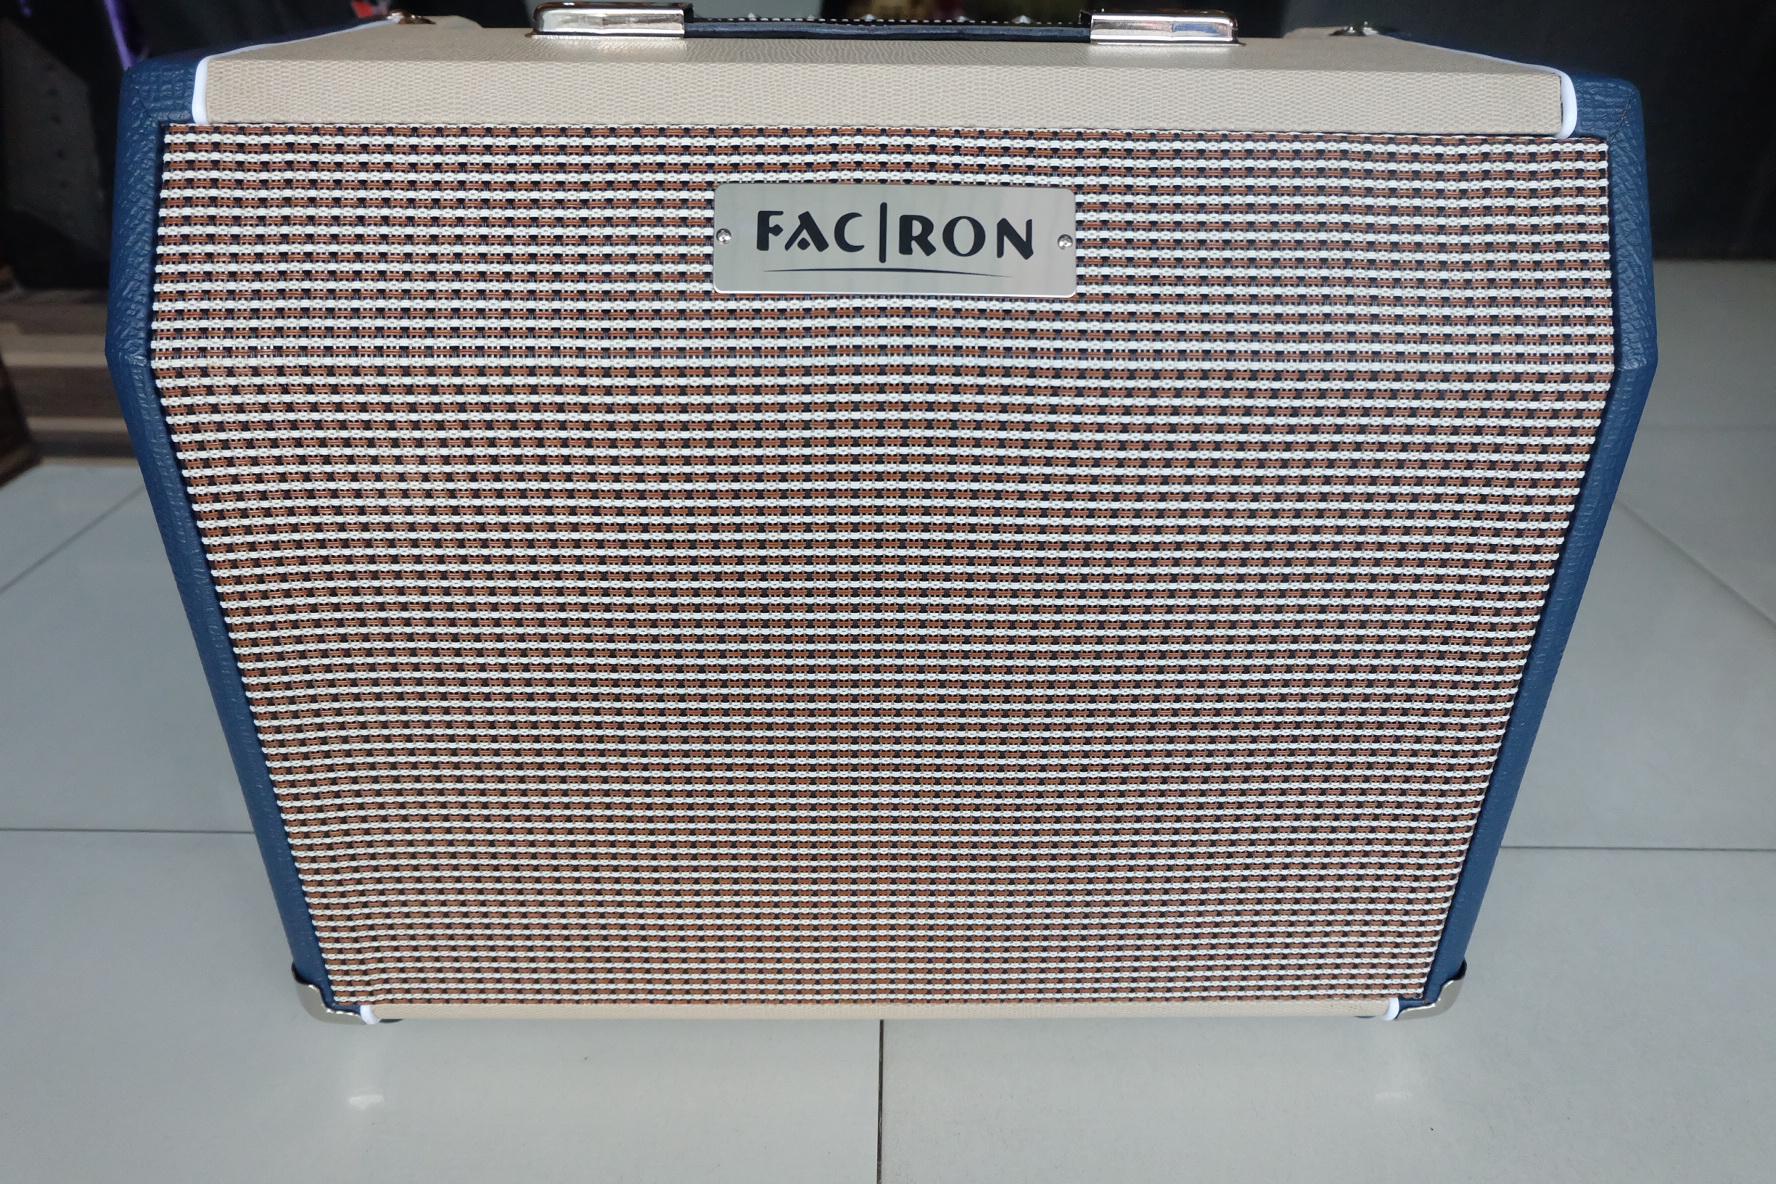 แอมป์ปริไฟล์อคูสติค Facron A35C